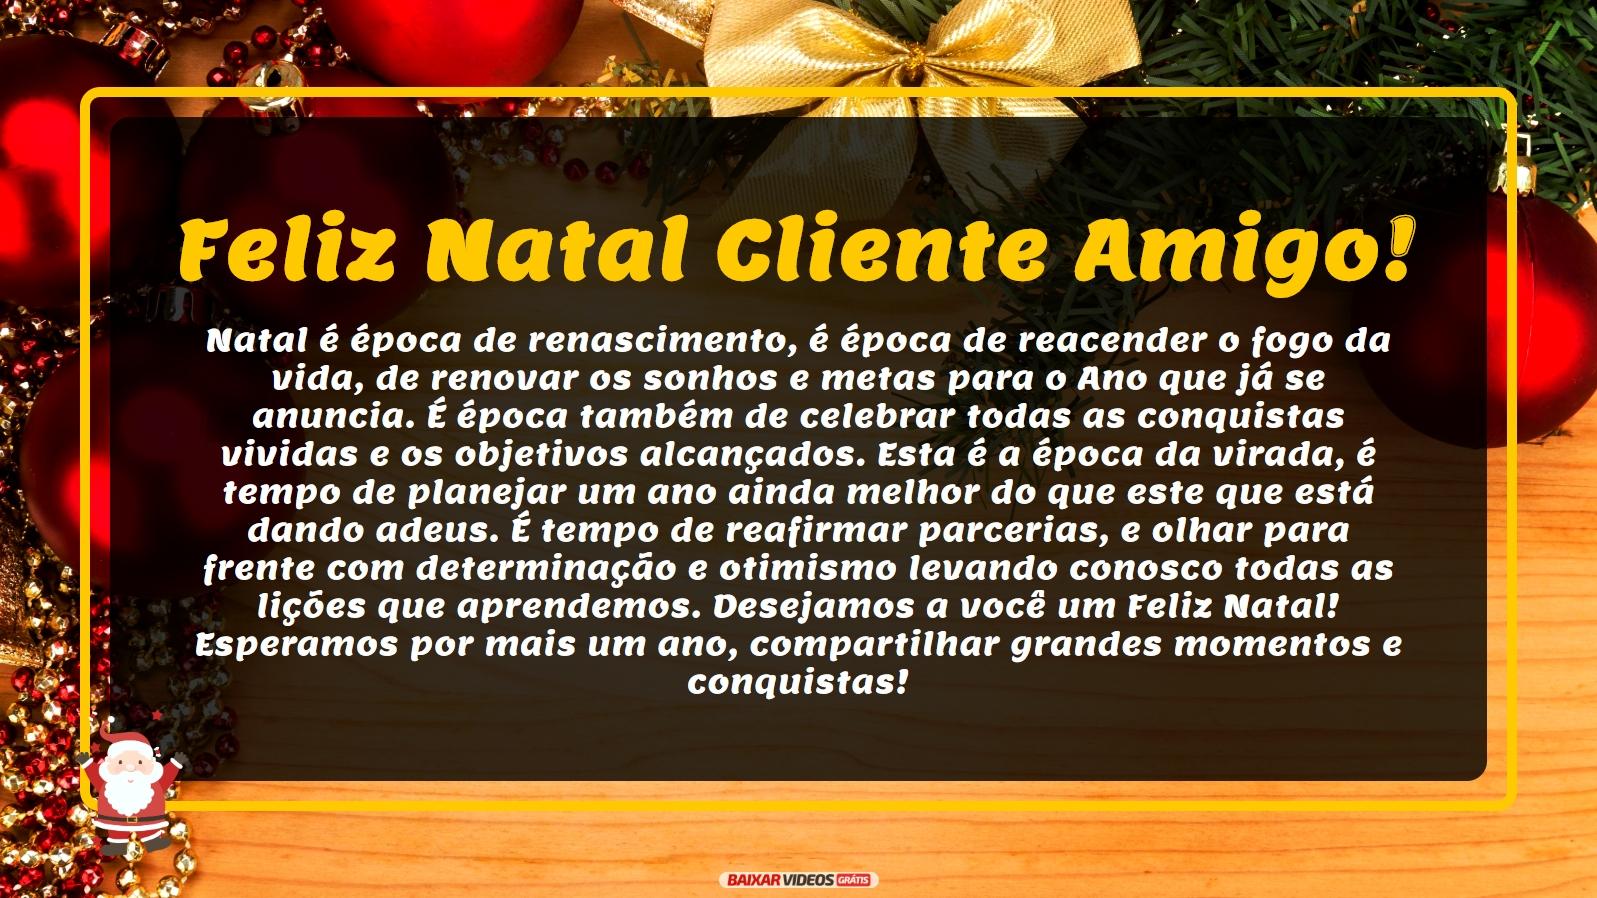 Feliz natal a todos clientes e amigos